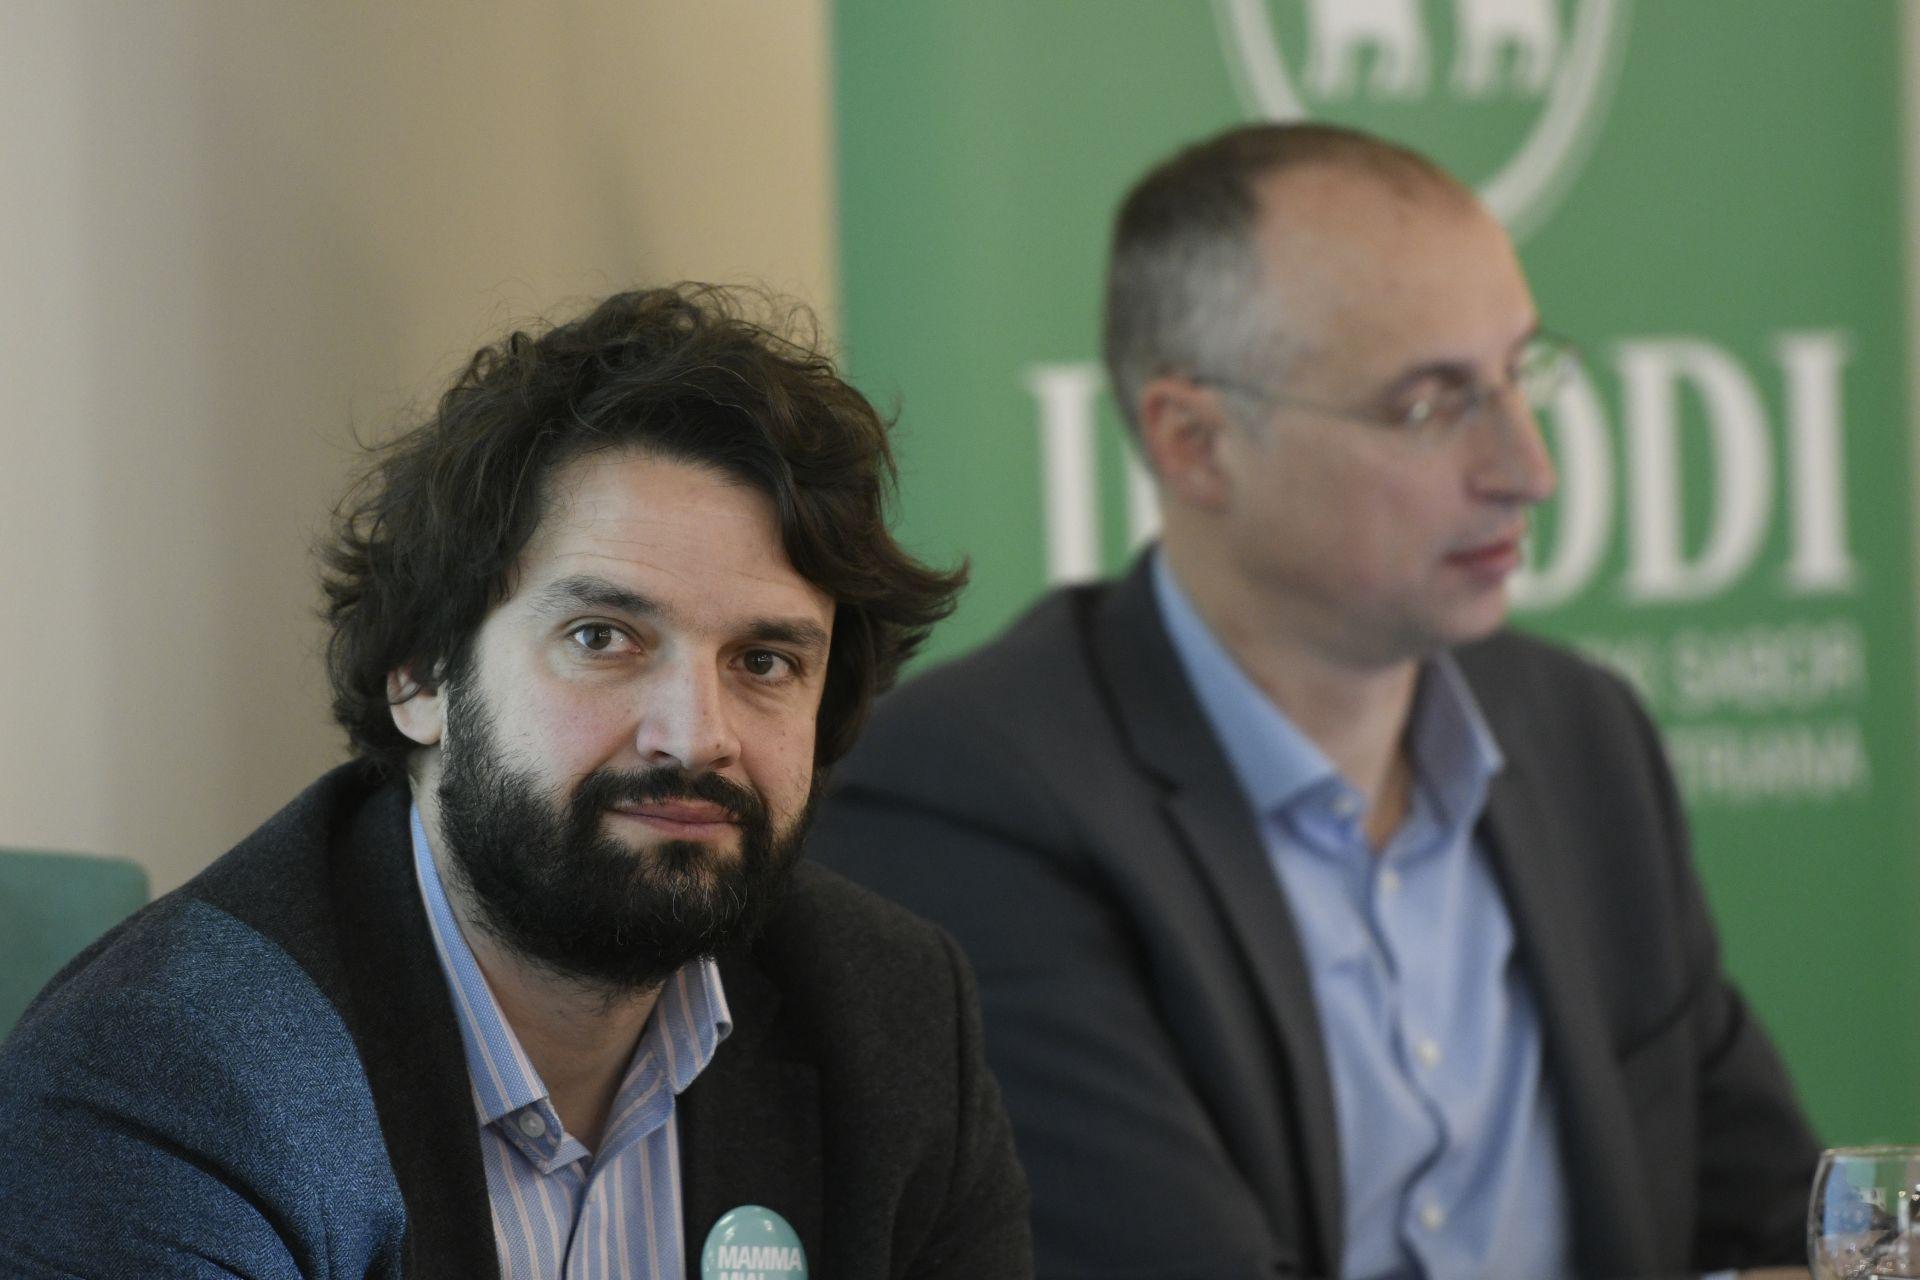 'Ono što se radi nema baš pune veze skurikularnom reformom'